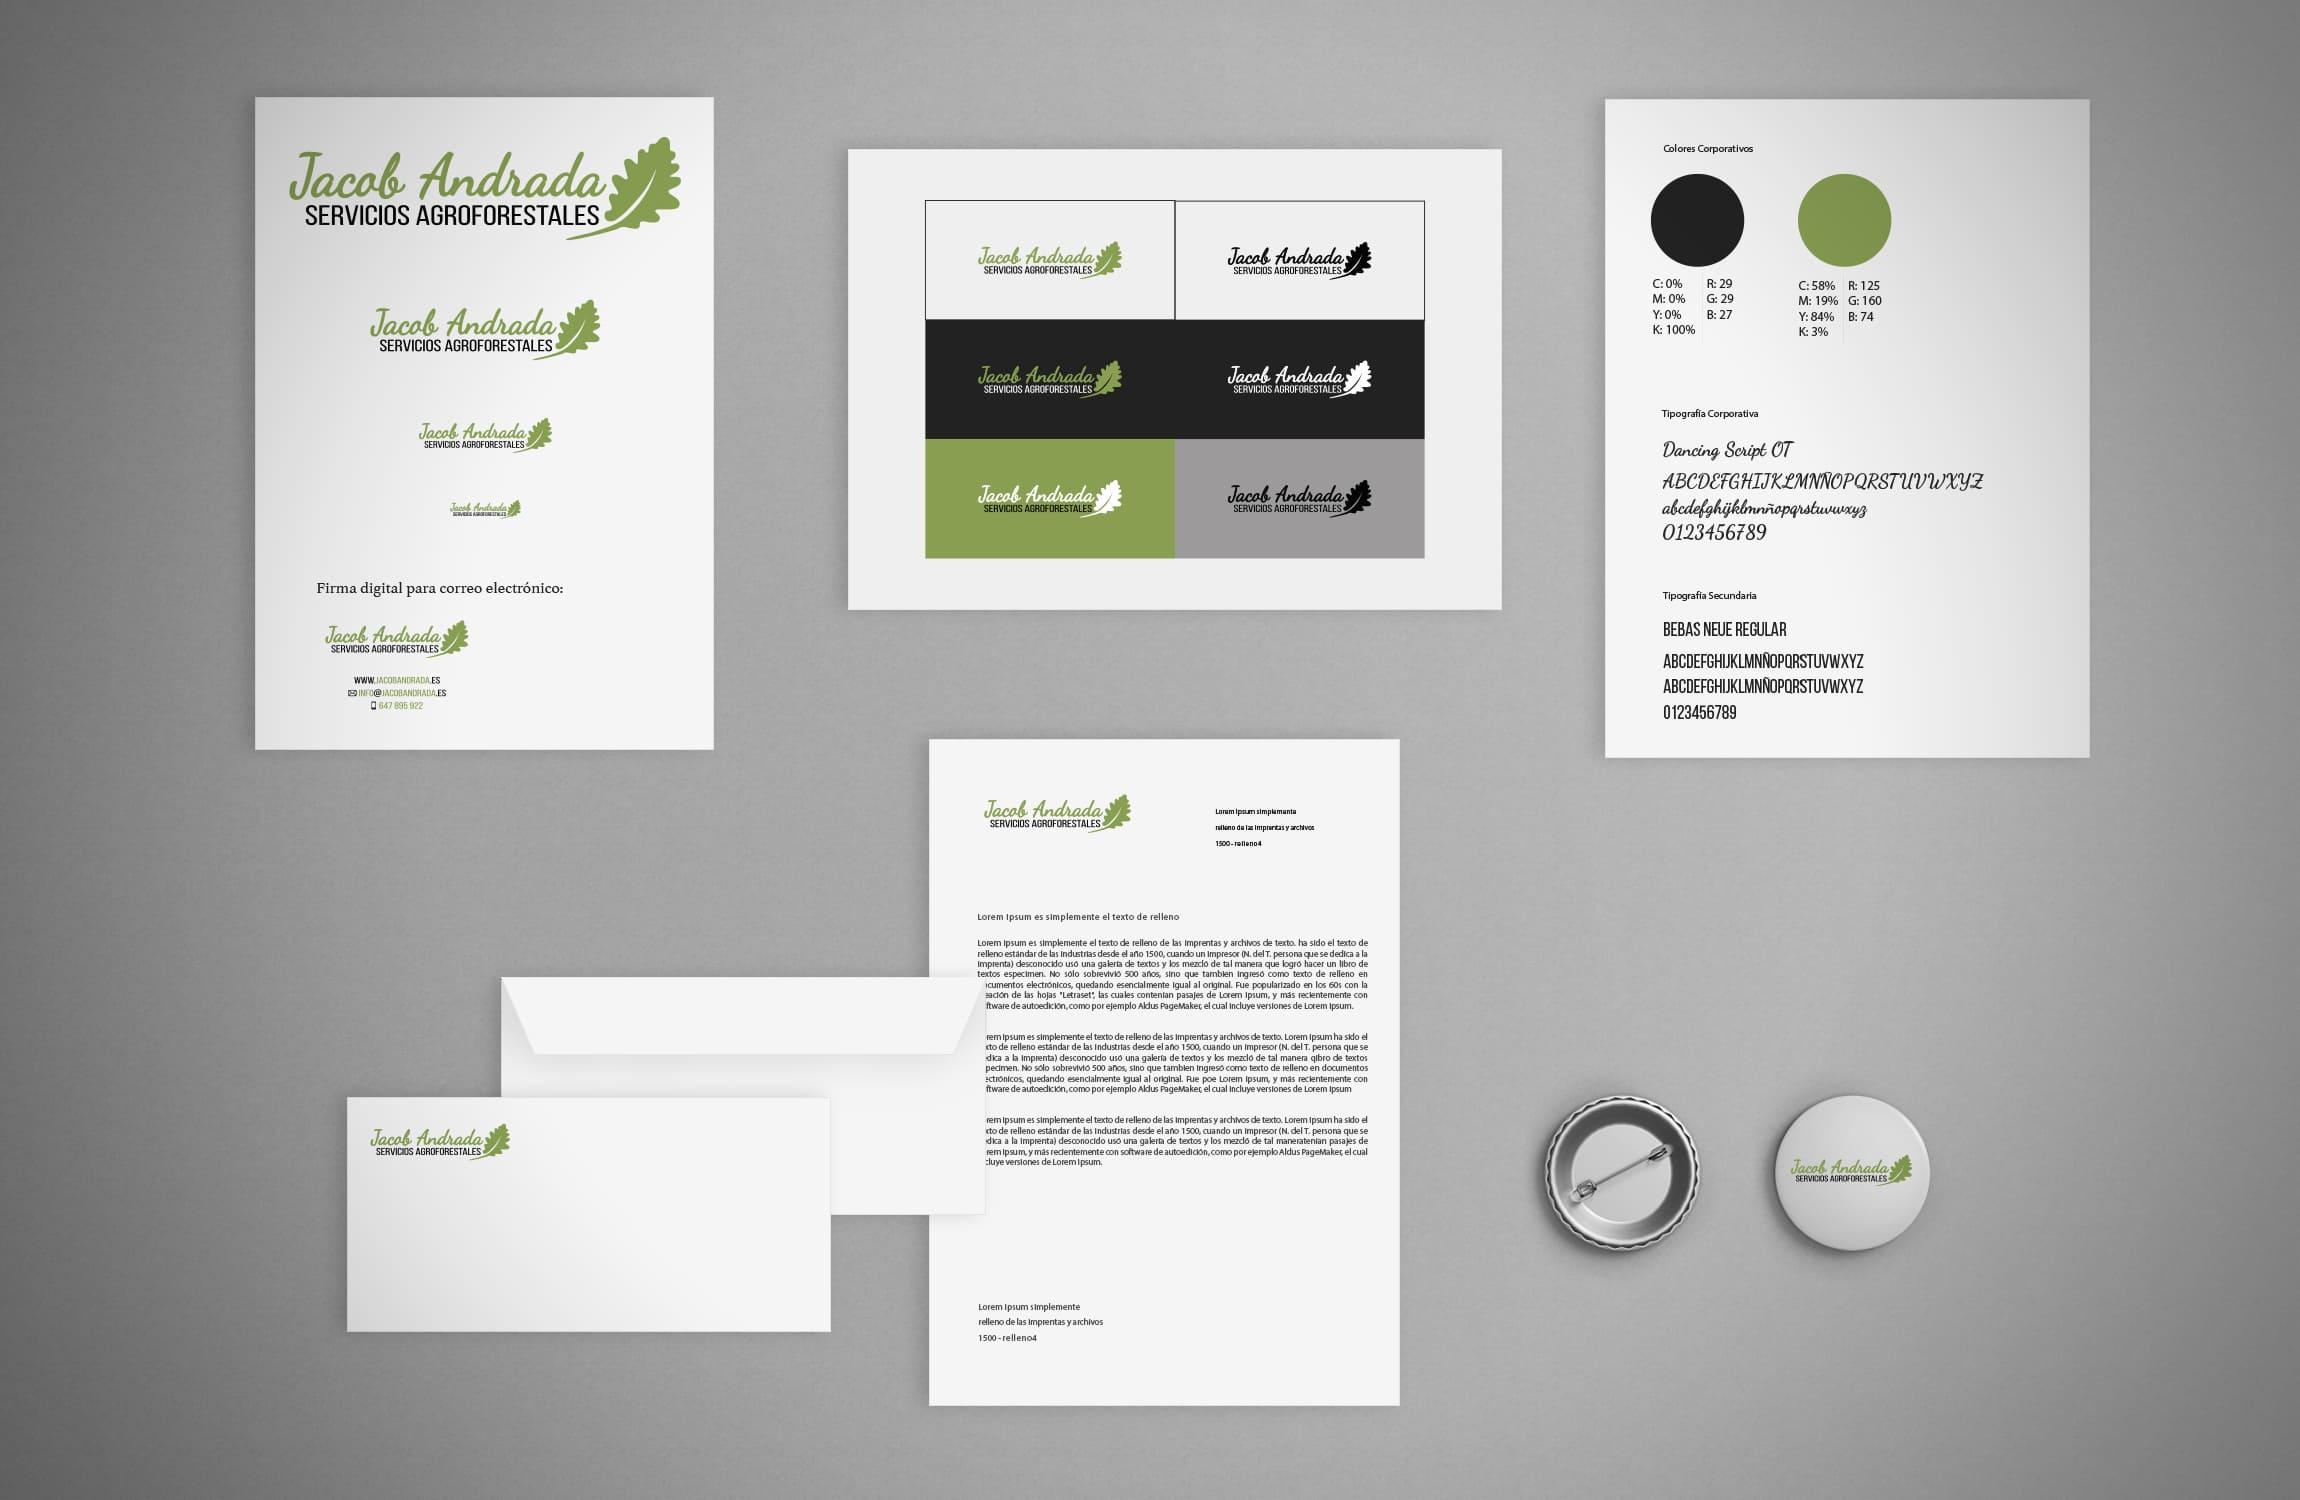 Diseño logotipo e identidad corporativa